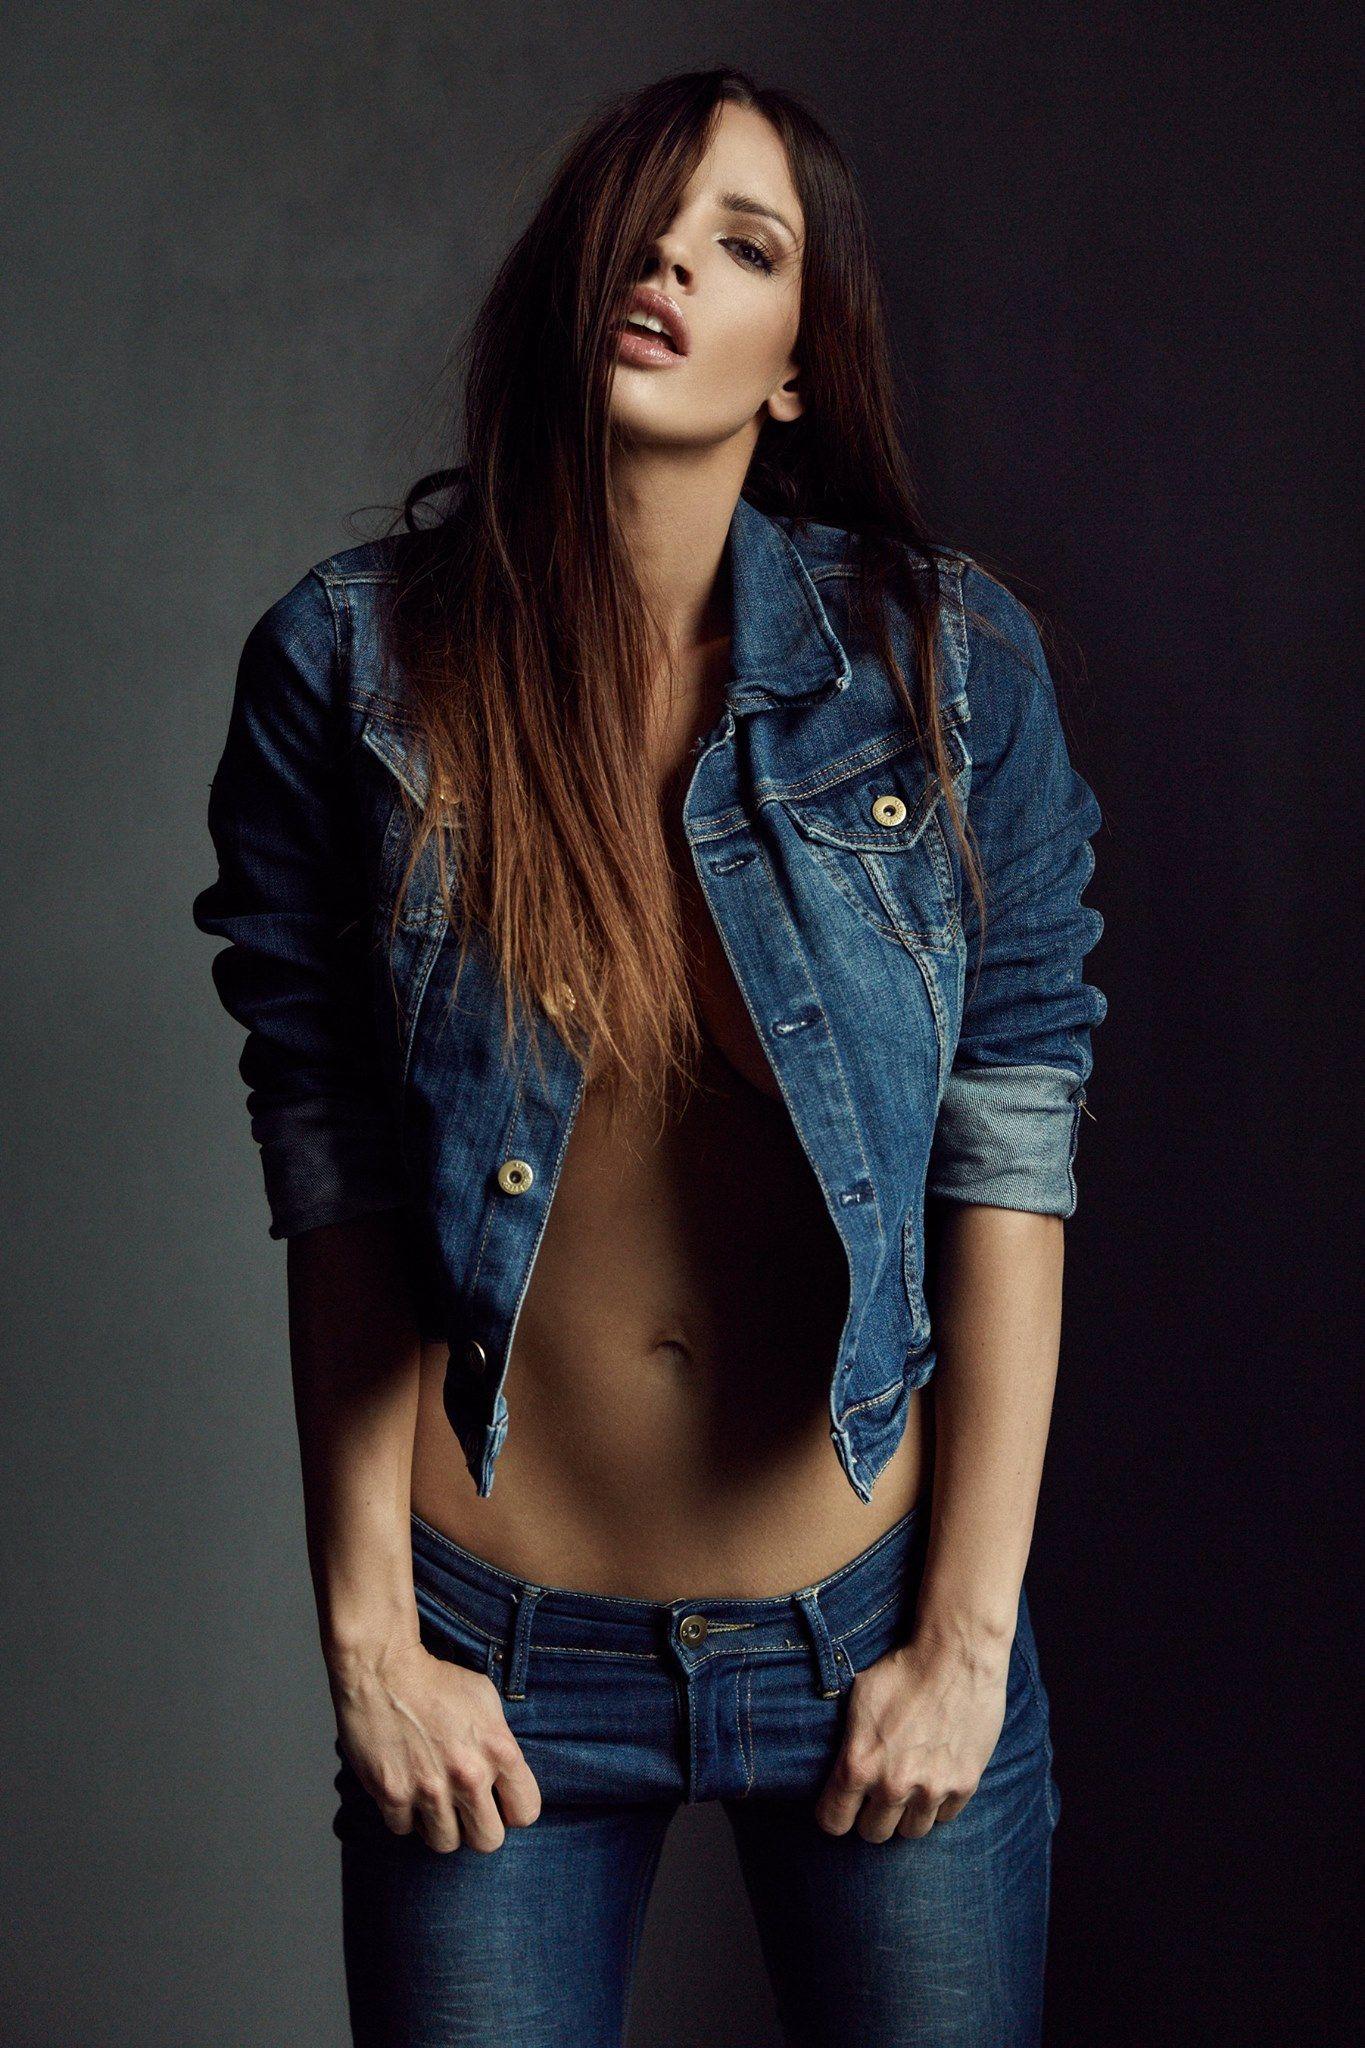 Instagram Lucia Javorcekova naked (66 photos), Topless, Paparazzi, Instagram, underwear 2018